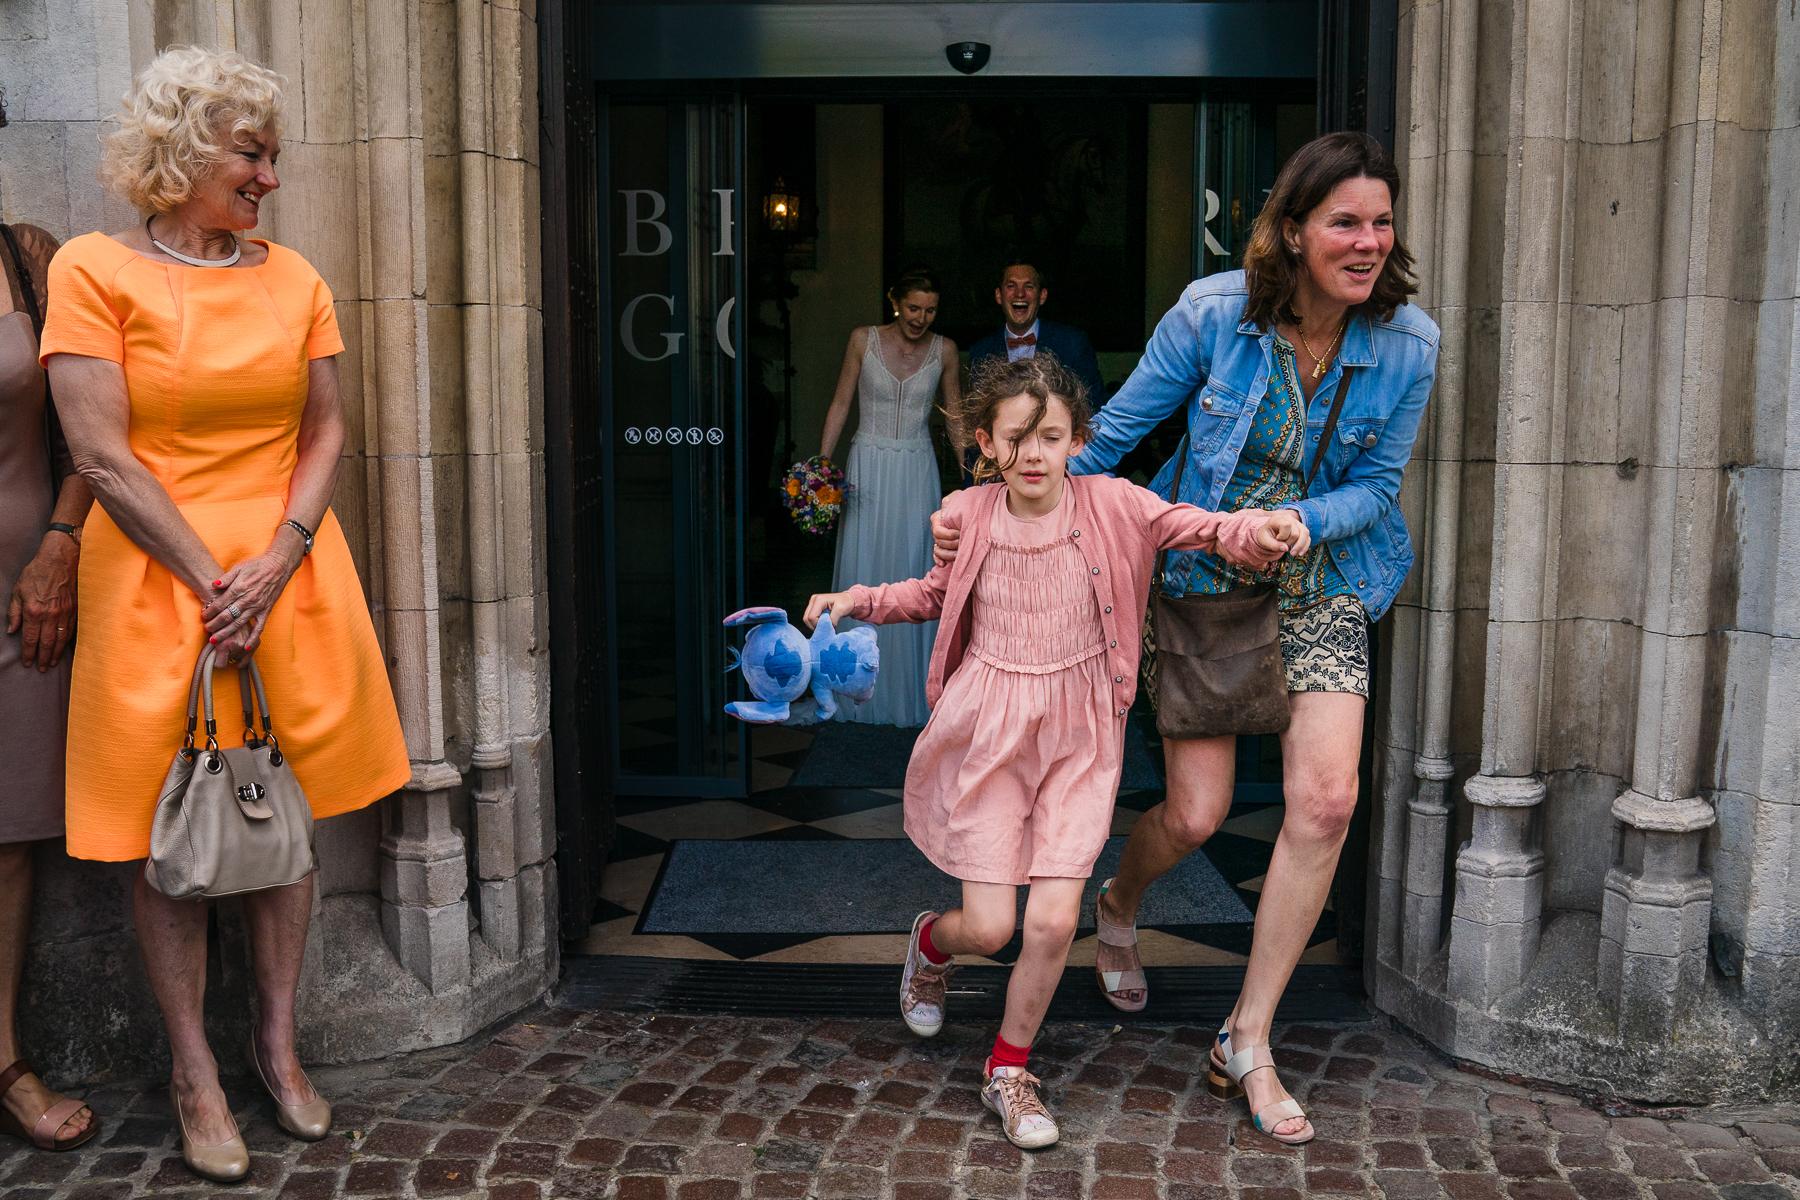 Une petite fille et sa mère sont sorties de l'hôtel de ville dans cette photo de mariage